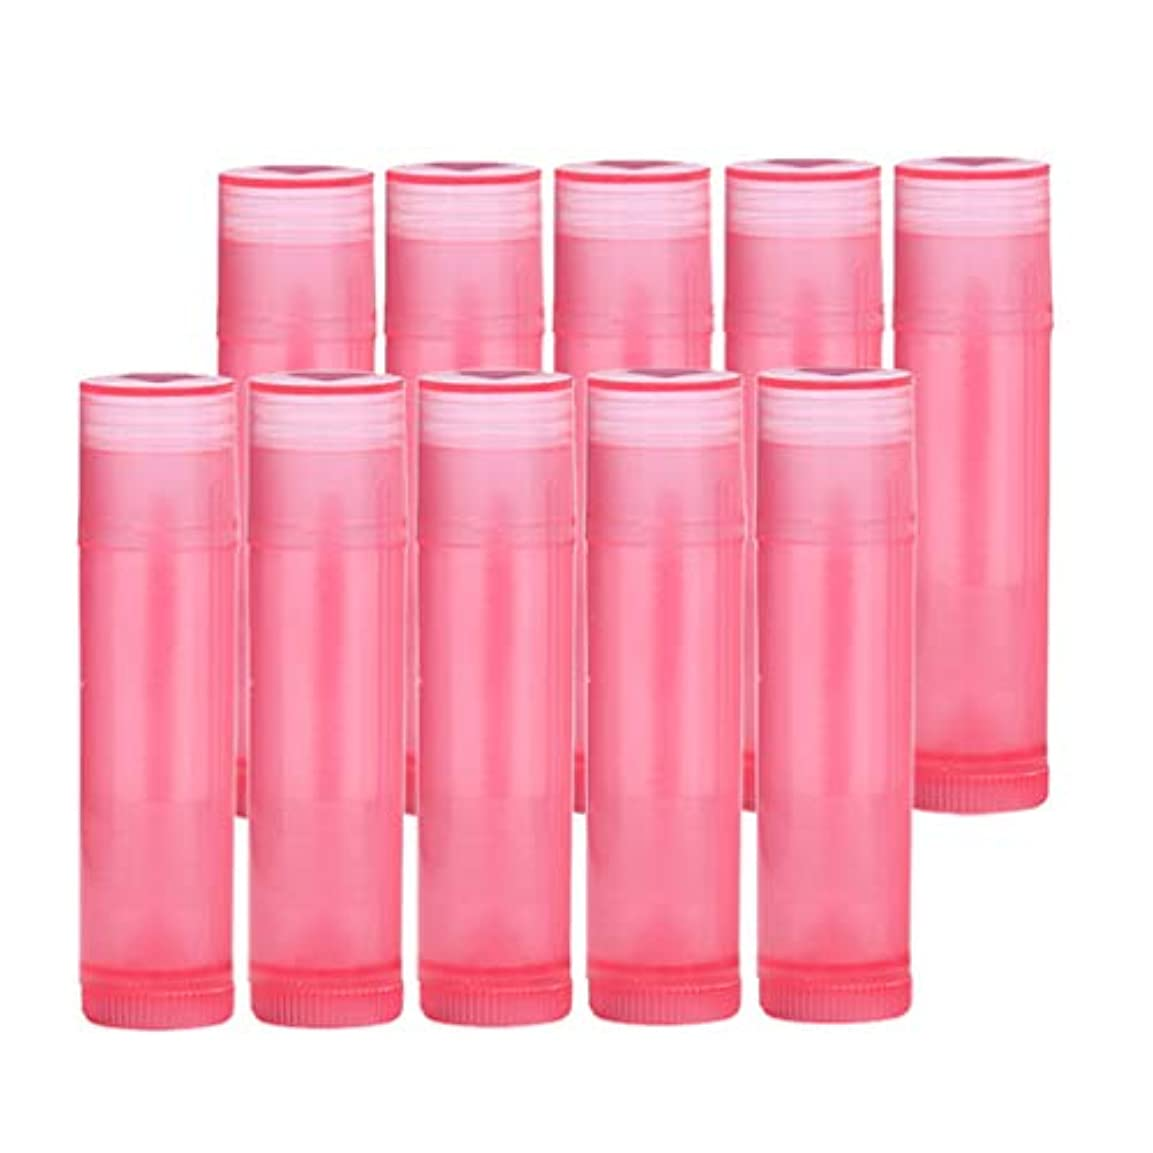 致命的冷笑する日焼けプラスチック 空 口紅容器 口紅の管 リップクリーム容器 10個 全7色 - ローズレッド